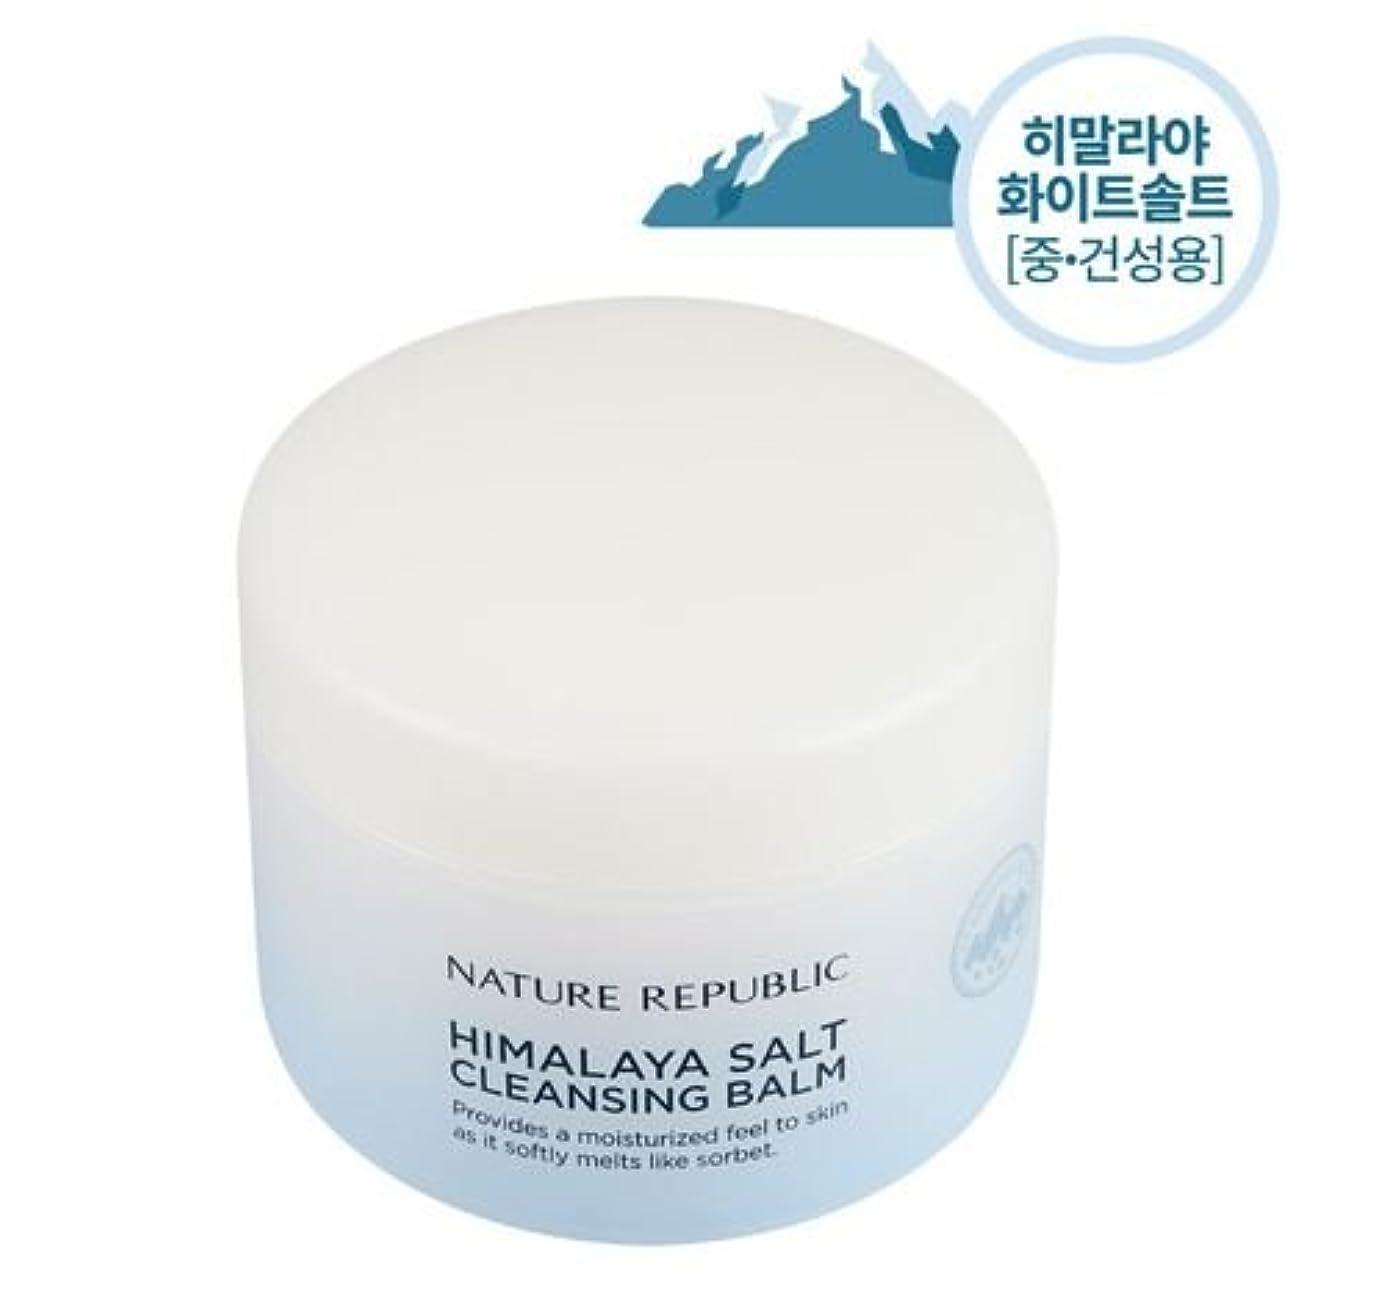 データ補正告白NATURE REPUBLIC Himalaya salt cleansing balm (white salt)ヒマラヤソルトクレンジングバーム(white salt) [並行輸入品]